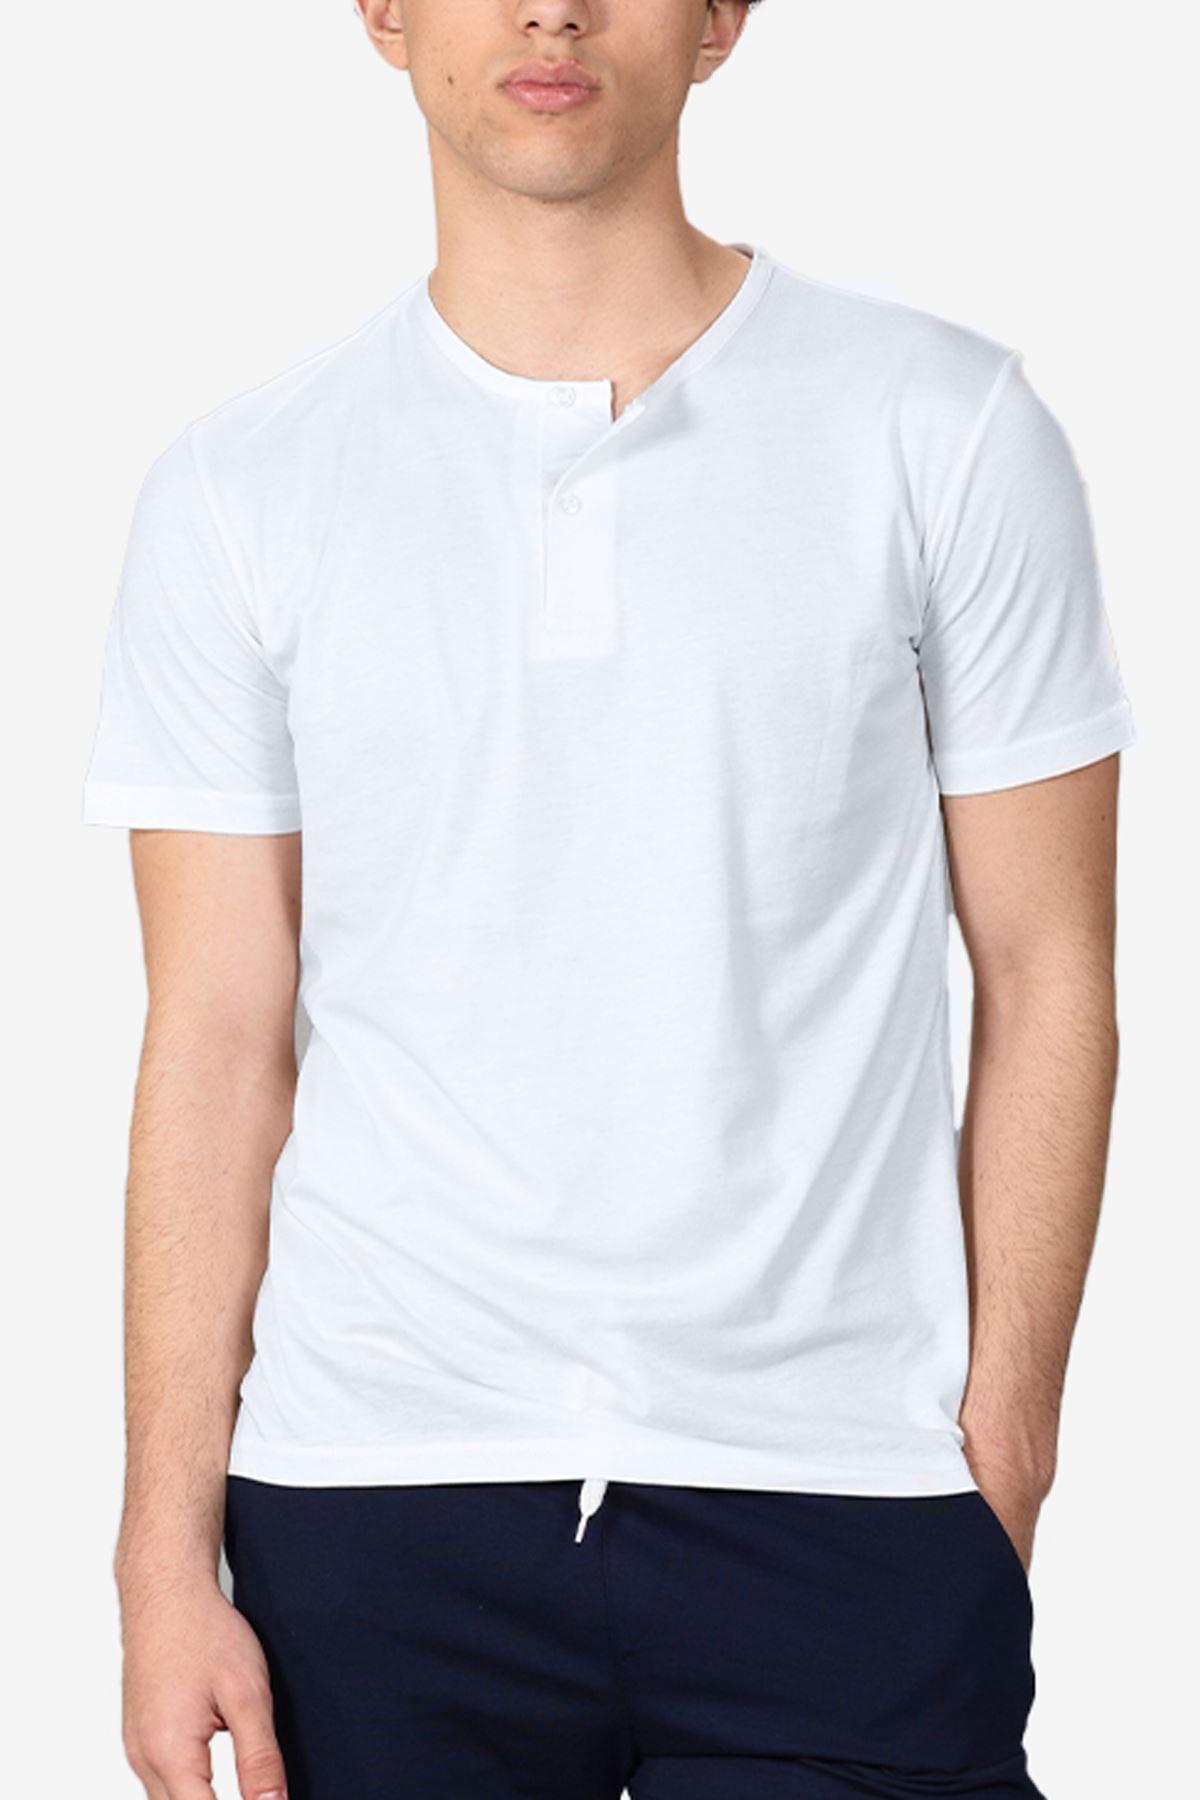 Beyaz Erkek Düğmeli Yaka Yaz Serinliği Tshirt 083